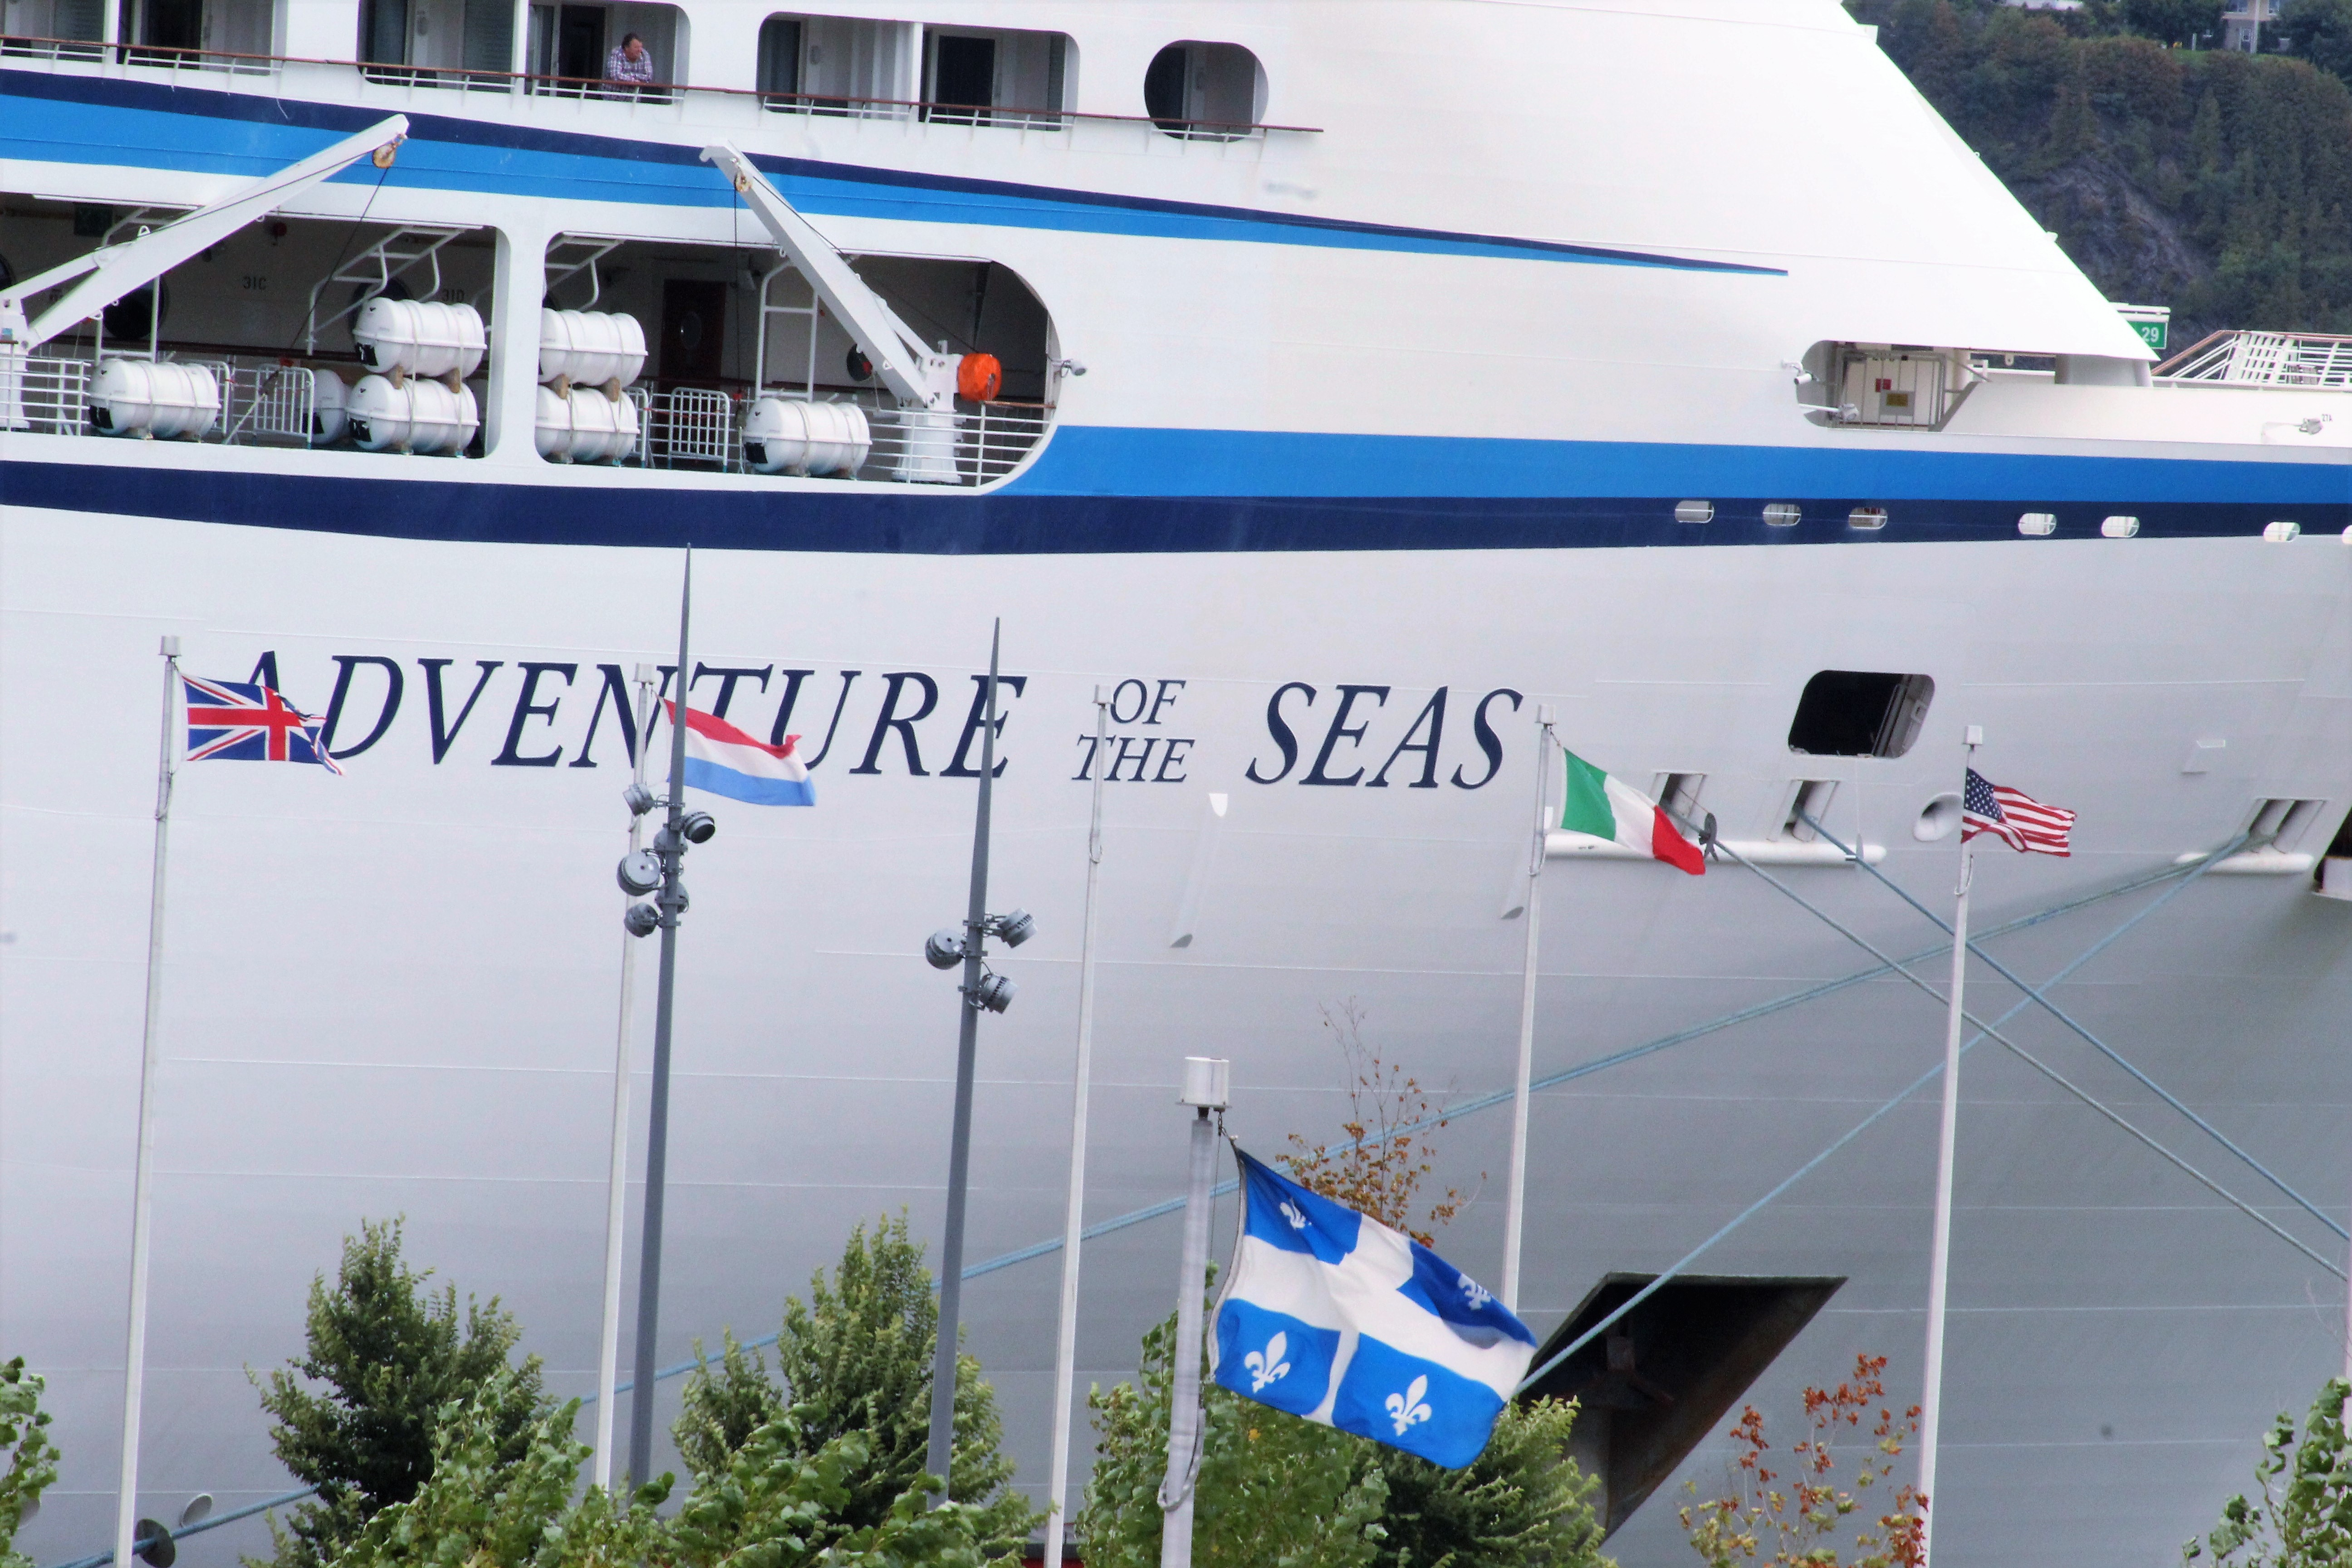 adventures of seas 2.jpg